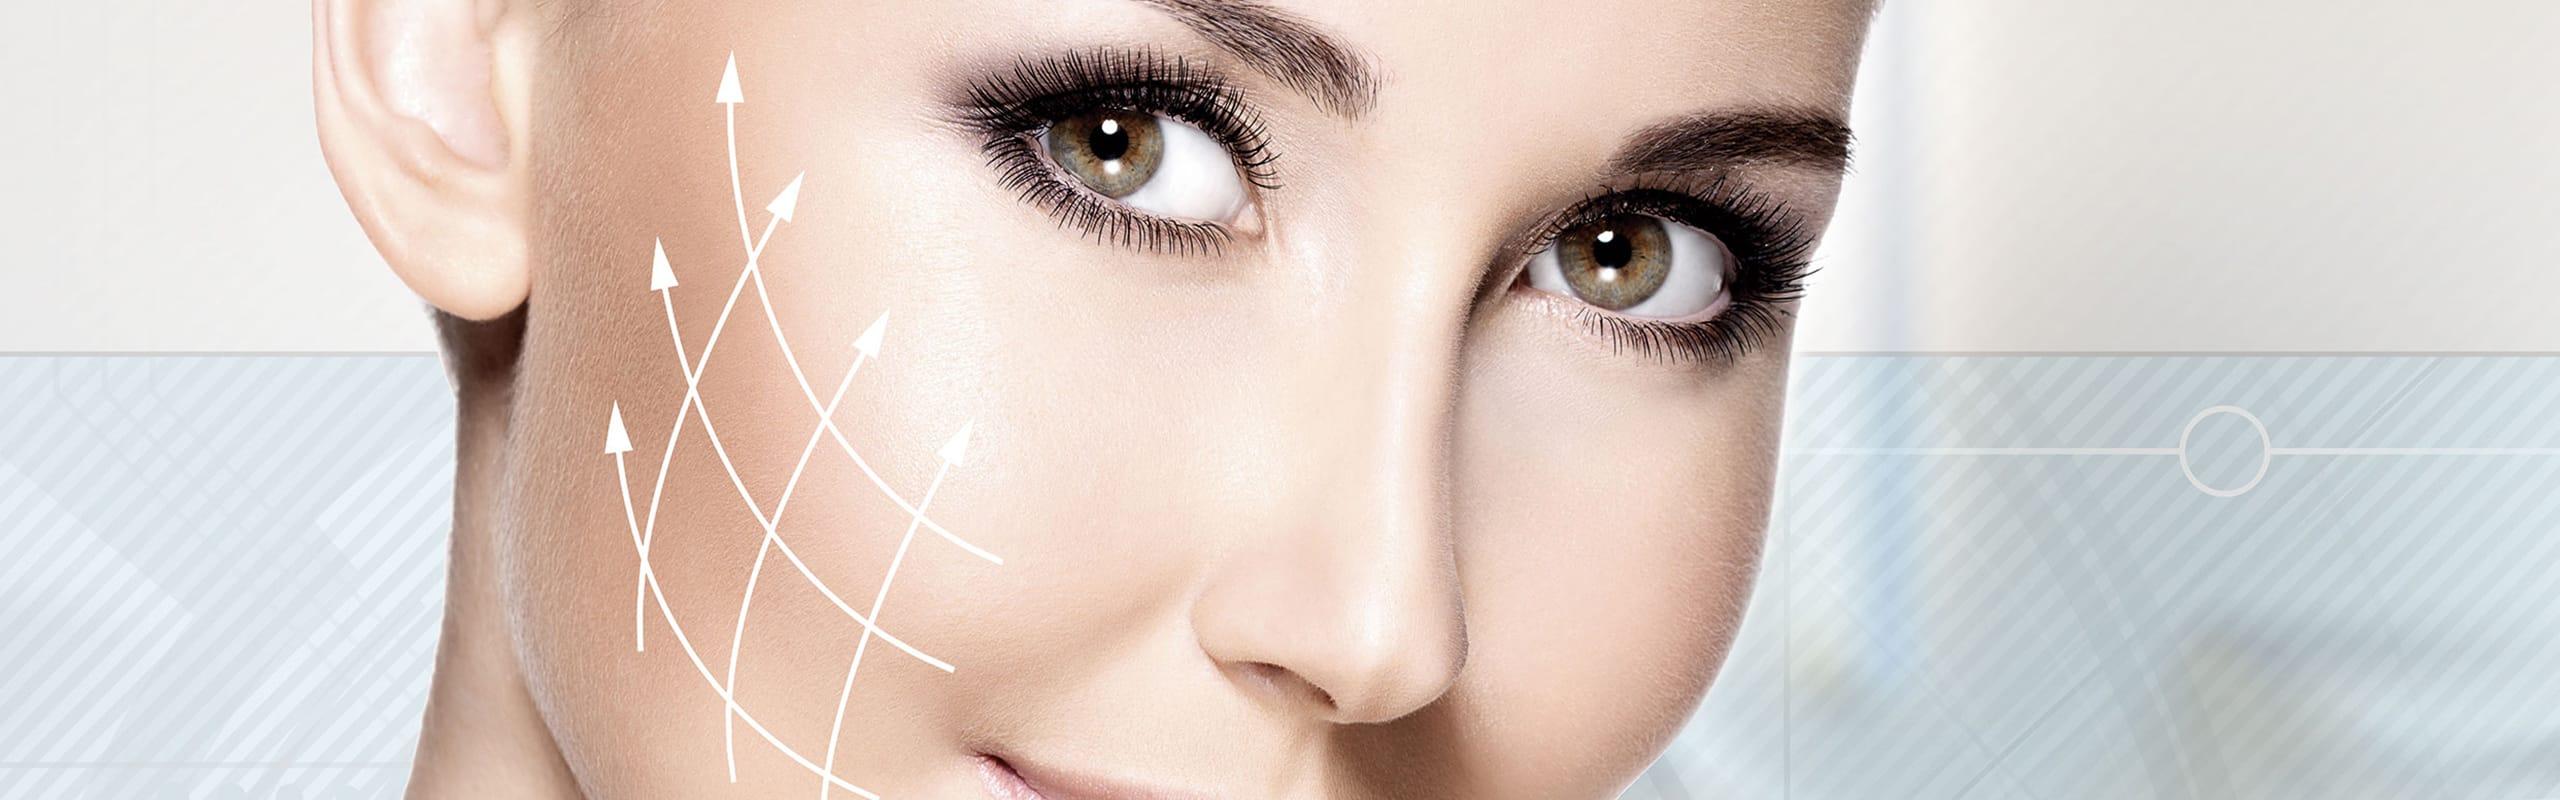 Gesicht einer Frau mit Pfeilen welche aufzeigen wie die Behandlung sich auf die Haut auswirkt